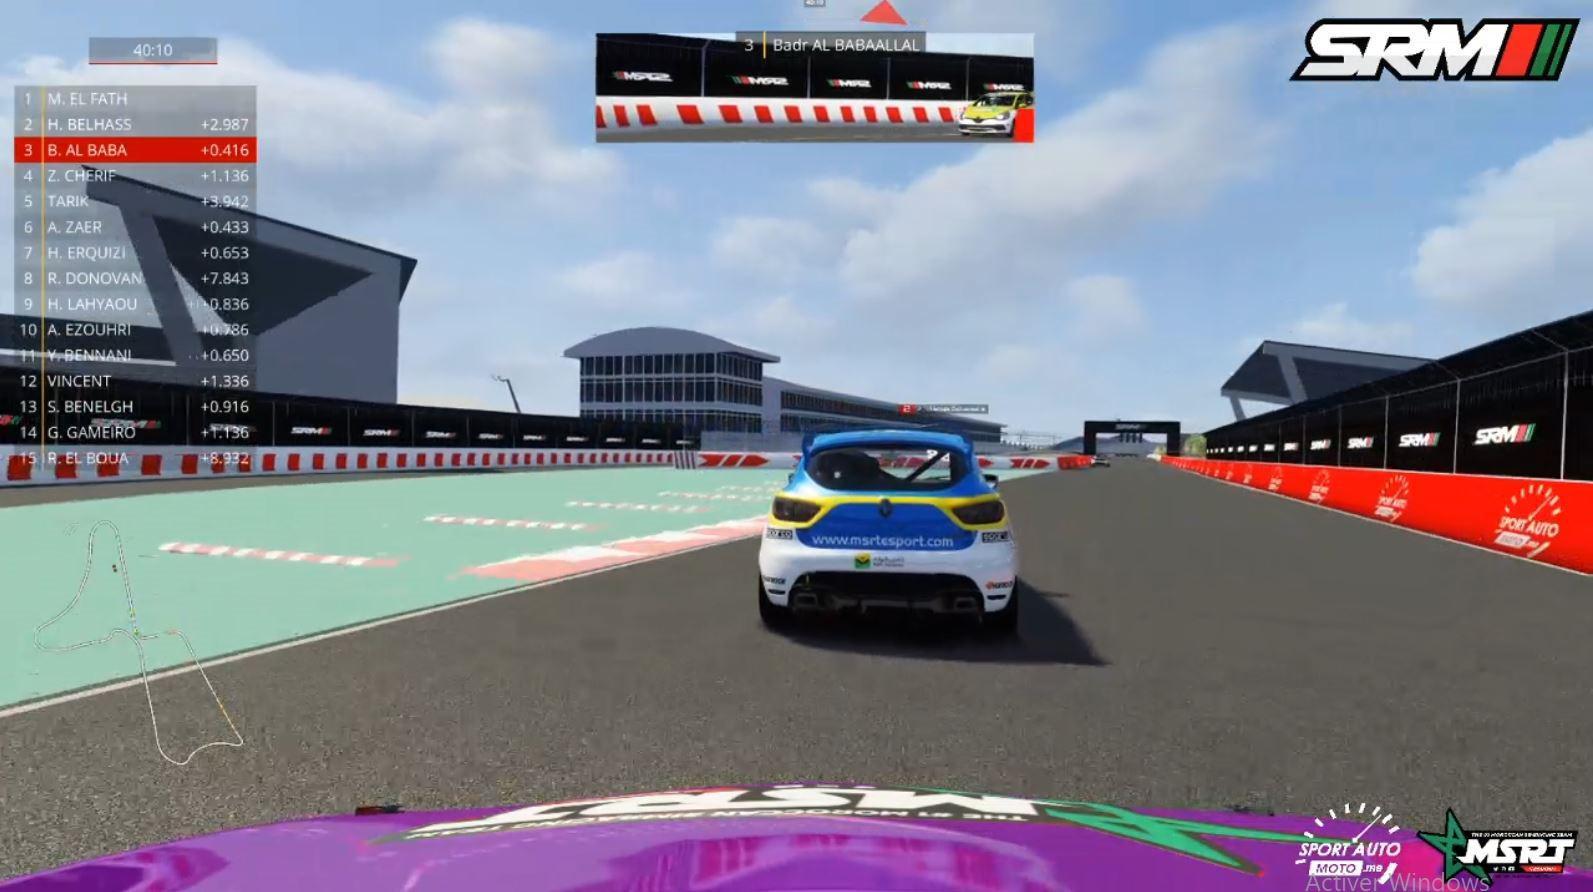 un-premier-evenement-reussi-pour-la-sim-racing-morocco-1284-2.jpg